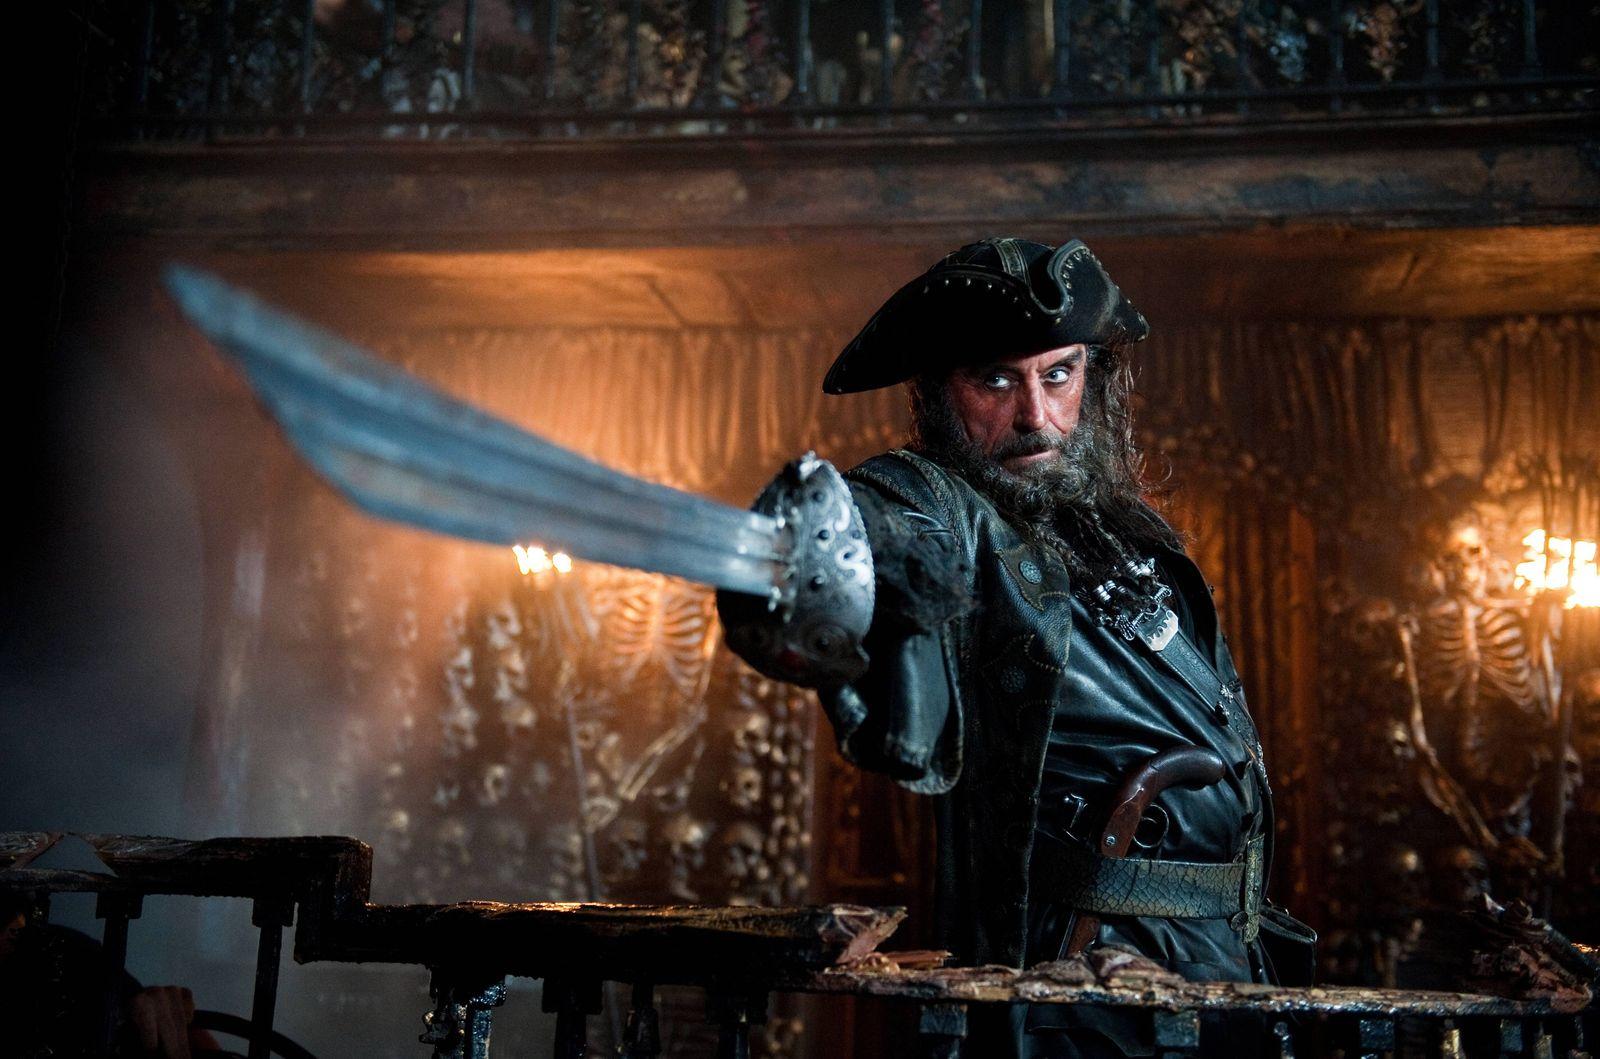 Сравнивая все, что нам доподлинно известно о знаменитых пиратах, исследователи отмечают, что Эдвард